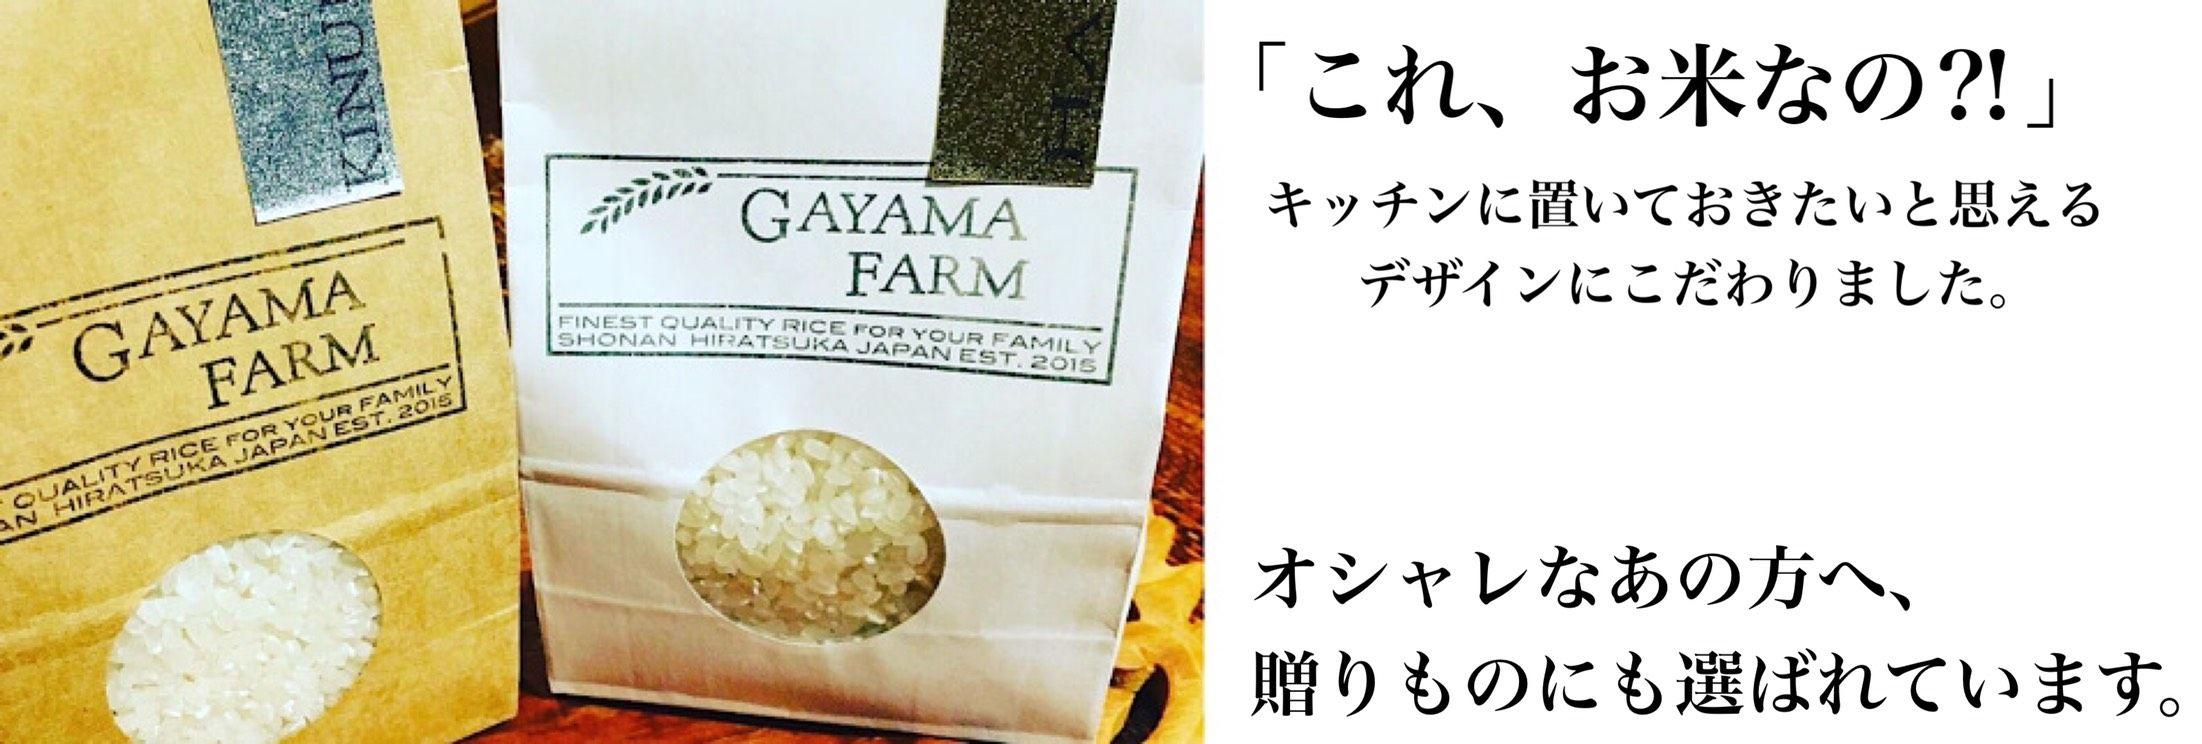 Gayamafarm/ガヤマファーム